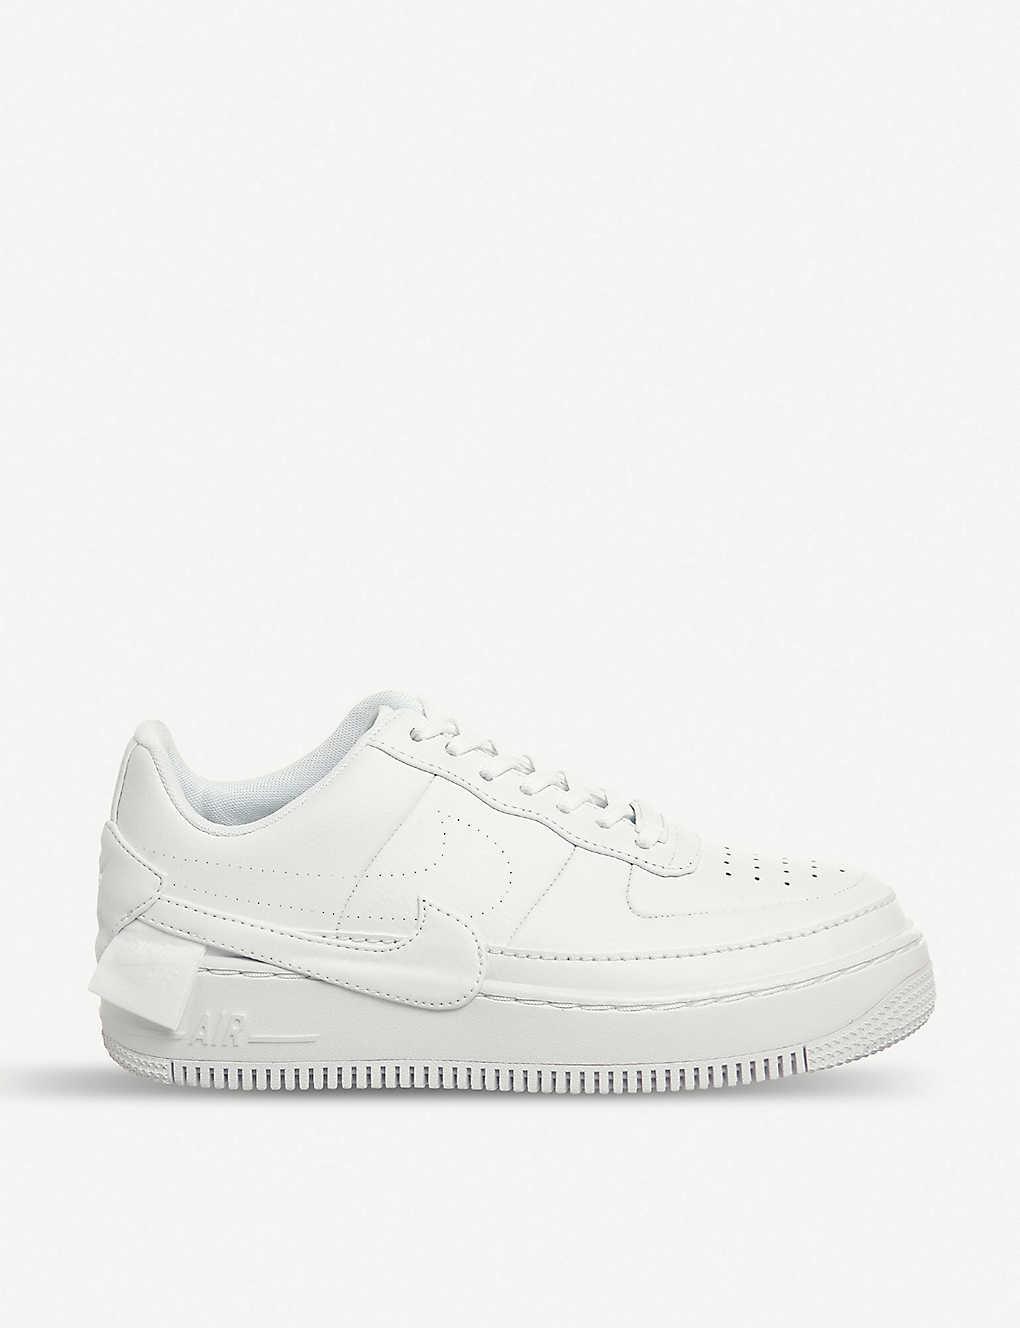 NIKE AIR FORCE 1 JESTER XX W FOOTWEAR WOMAN buy now online.